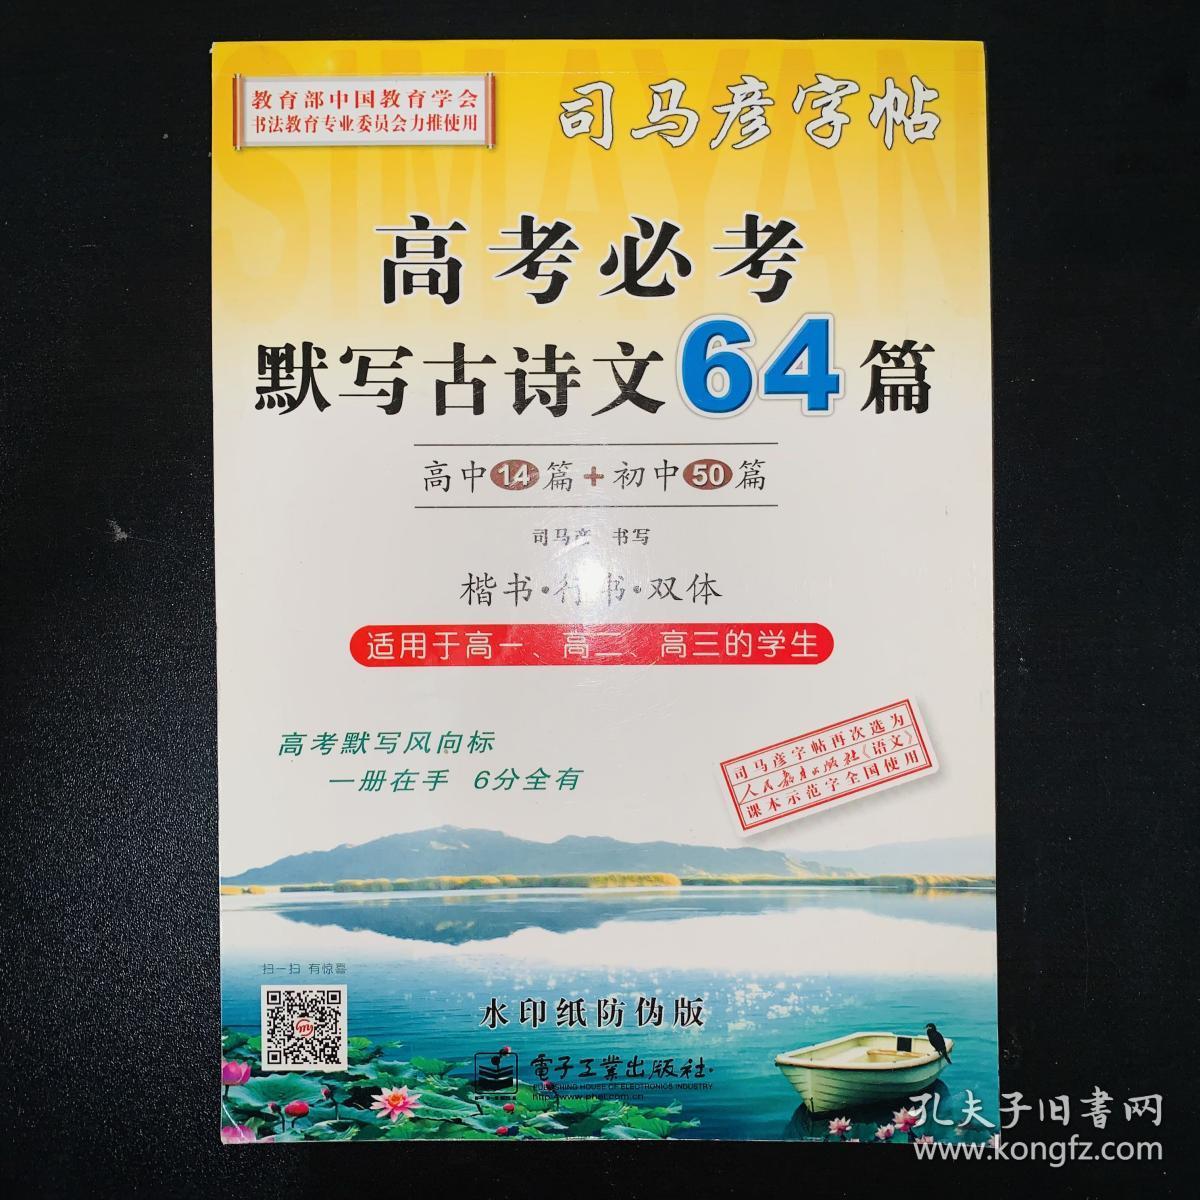 司马彦字帖:高考必考默写古诗文64篇